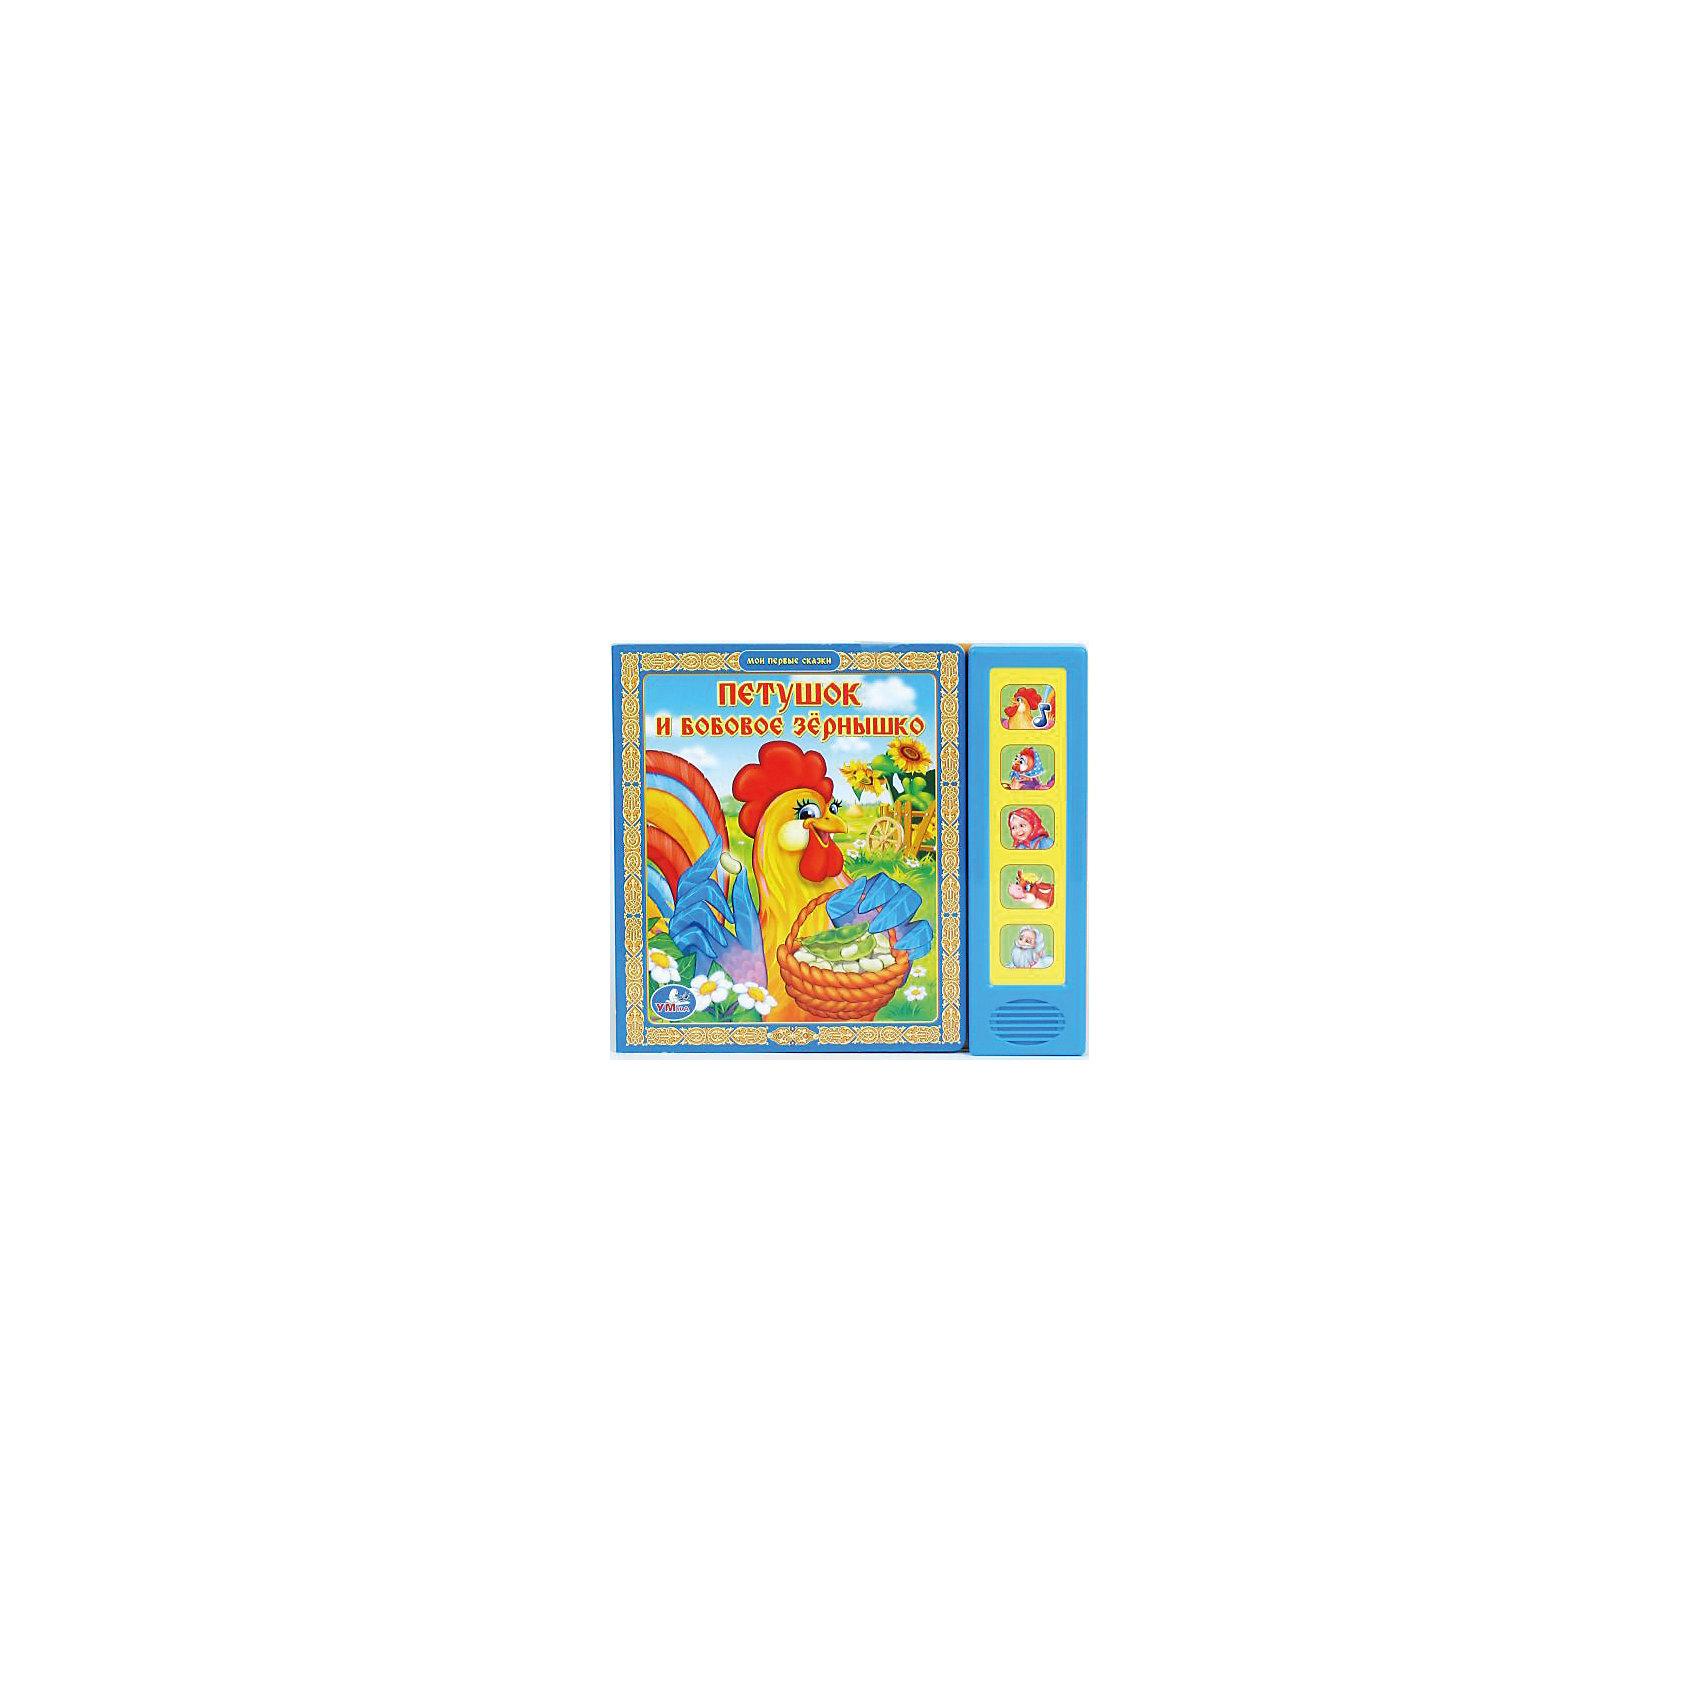 Книга Петушок и бобовое зернышко, УмкаЗамечательная русская народная сказка о Петушке и бобовом зернышке обязательно понравится детям. Увлекательный сюжет и красочные картинки сделают книгу одной из самых любимых. Нажимая на кнопочки, малыш услышит фразы из книги. Каждой кнопке соответствует фраза из одноименного мультфильма или фрагмент песенки, если кнопка помечена ноткой. Очень скоро ваш малыш сам начнет подпевать героям! В книге отмечены места, к которым относятся звуковые кнопки. Страницы книги выполнены из прочного картона, поэтому их удобно переворачивать даже самым юным читателям. <br><br>Дополнительная информация:<br><br>- Формат: 20х17,5 см.<br>- Переплет: картон. <br>- Количество страниц: 10.<br>- Иллюстрации: цветные. <br>- Музыкальные кнопки.<br>- Элемент питания: 3 батарейки (в комплекте).<br><br>Книгу Петушок и бобовое зернышко, Умка, можно купить в нашем магазине.<br><br>Ширина мм: 200<br>Глубина мм: 180<br>Высота мм: 20<br>Вес г: 280<br>Возраст от месяцев: 48<br>Возраст до месяцев: 84<br>Пол: Унисекс<br>Возраст: Детский<br>SKU: 4720158